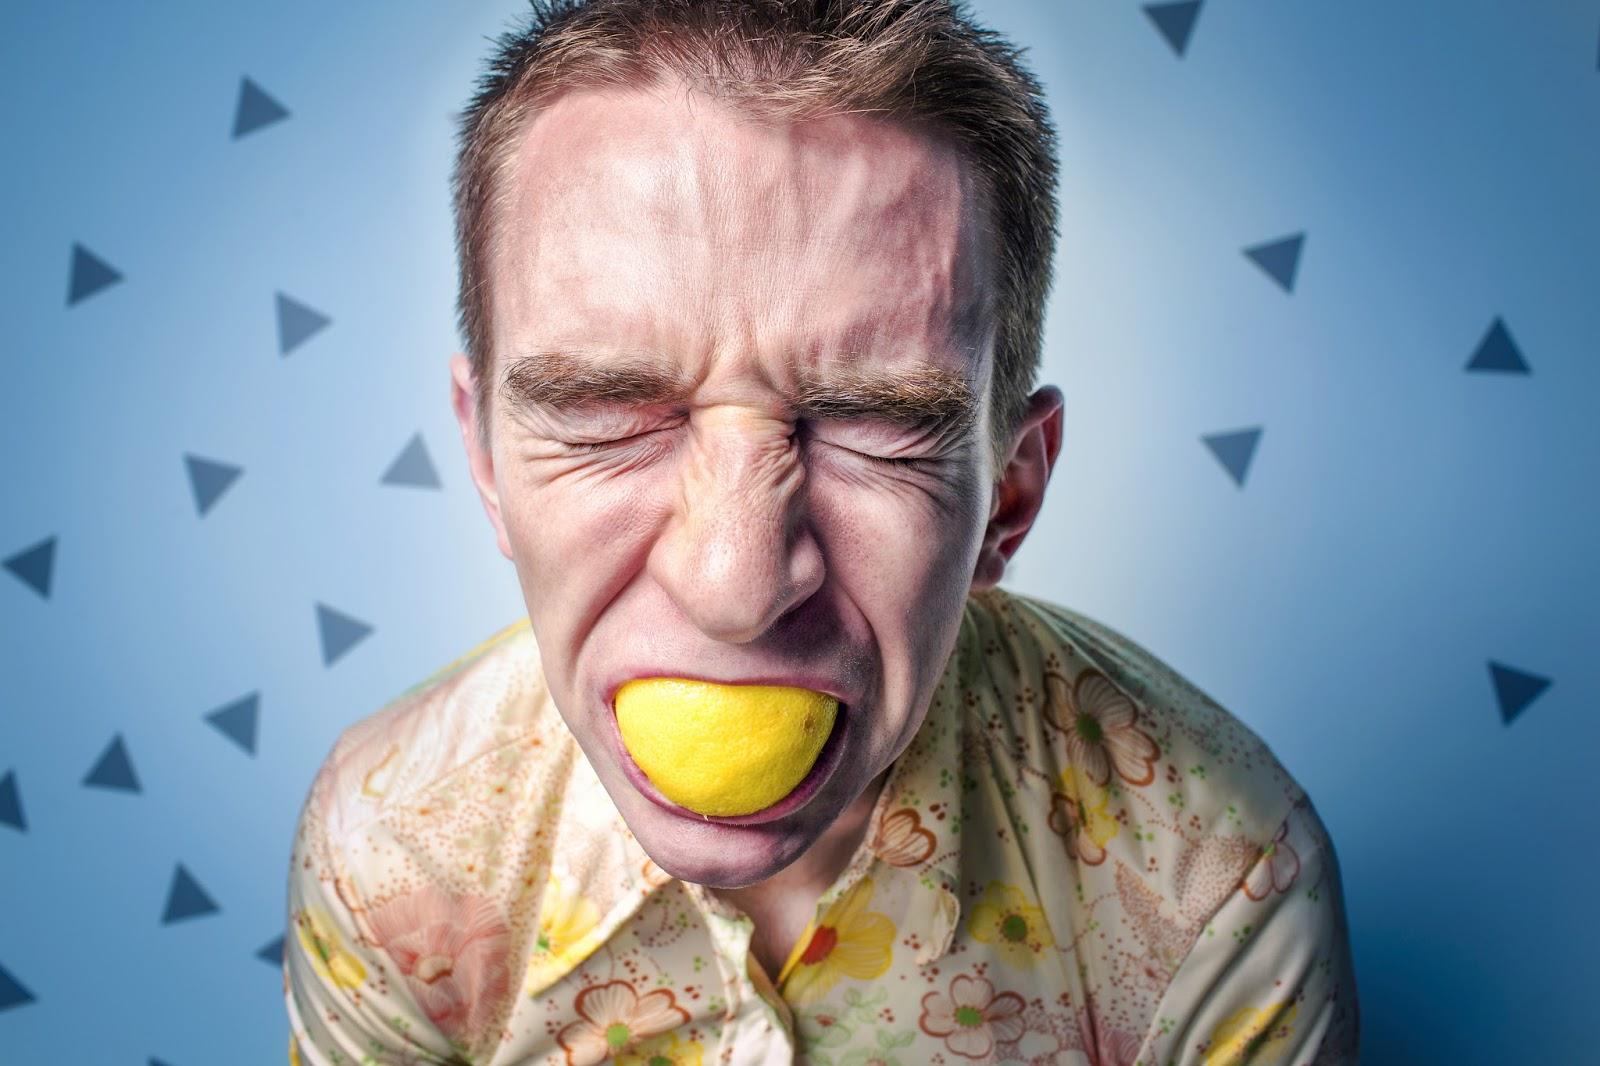 Bole Glowy Migrena Nieregularnik Zespol Pieczenia Jamy Ustnej